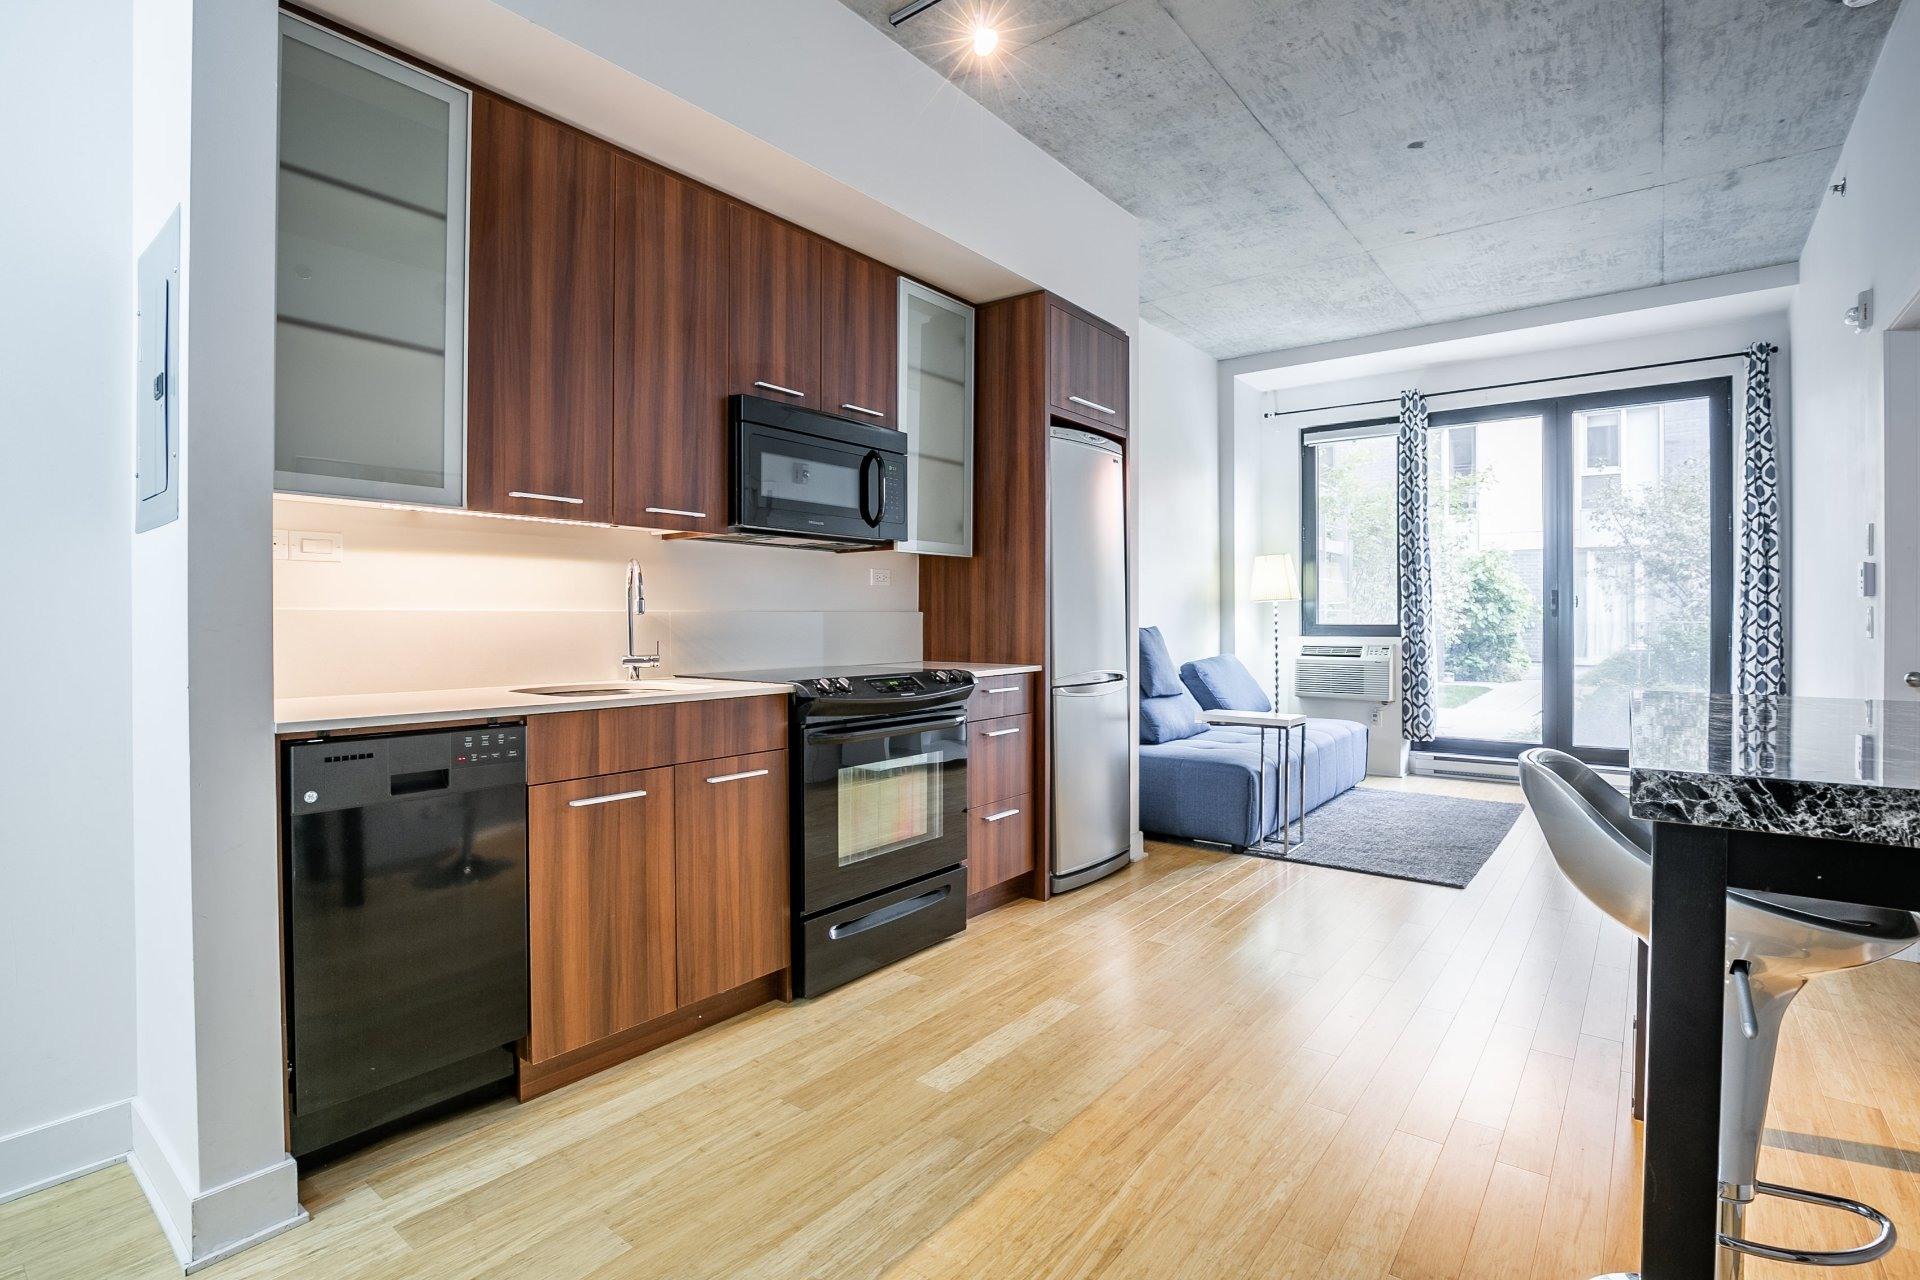 image 8 - Appartement À vendre Le Sud-Ouest Montréal  - 4 pièces